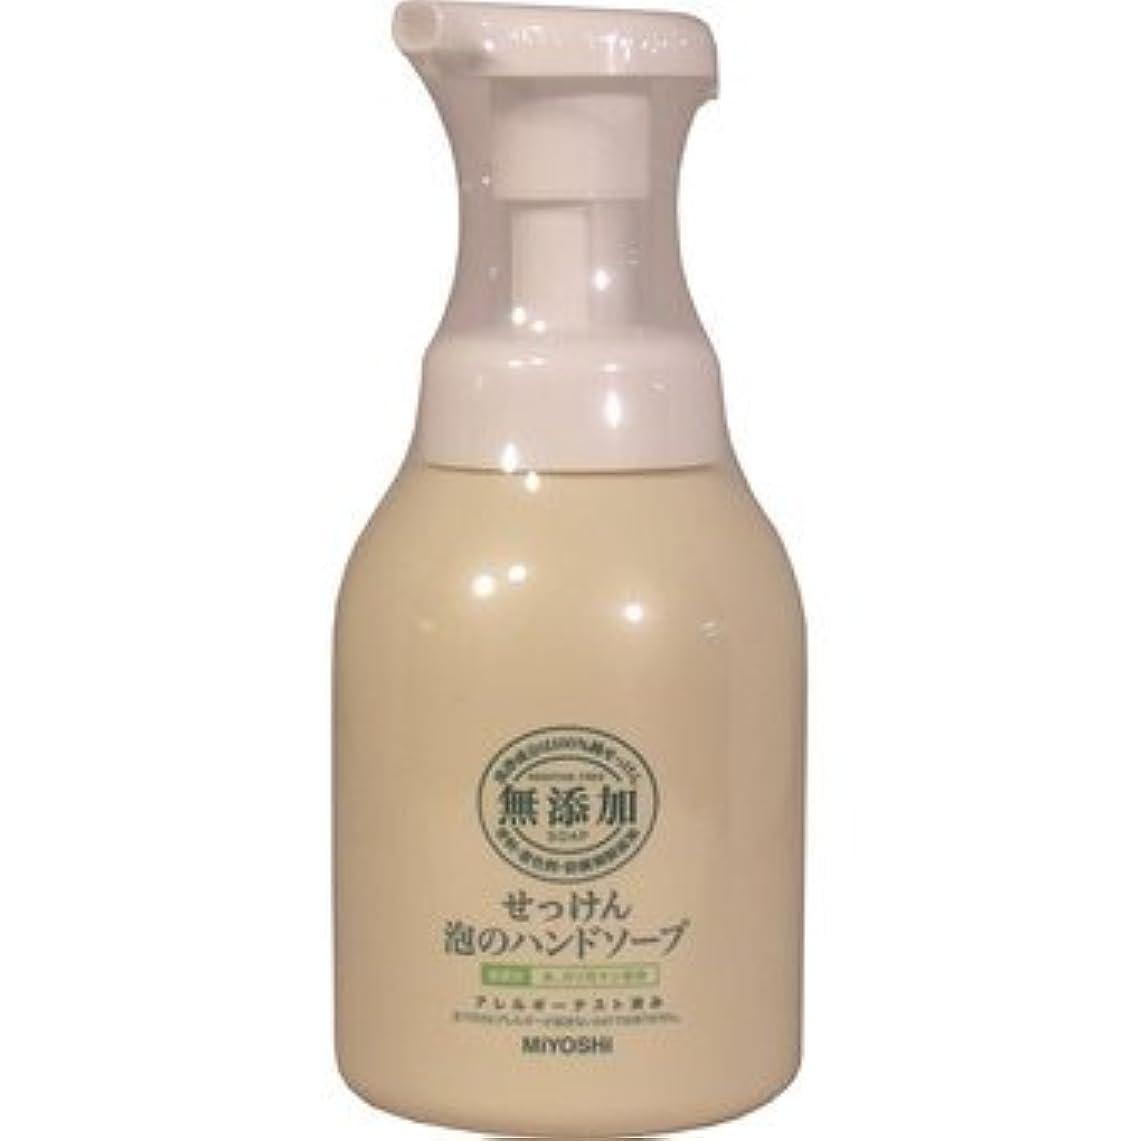 踏み台四半期知覚ミヨシ石鹸 無添加 せっけん 泡のハンドソープ 250ml(無添加石鹸)×24点セット (4537130100677)